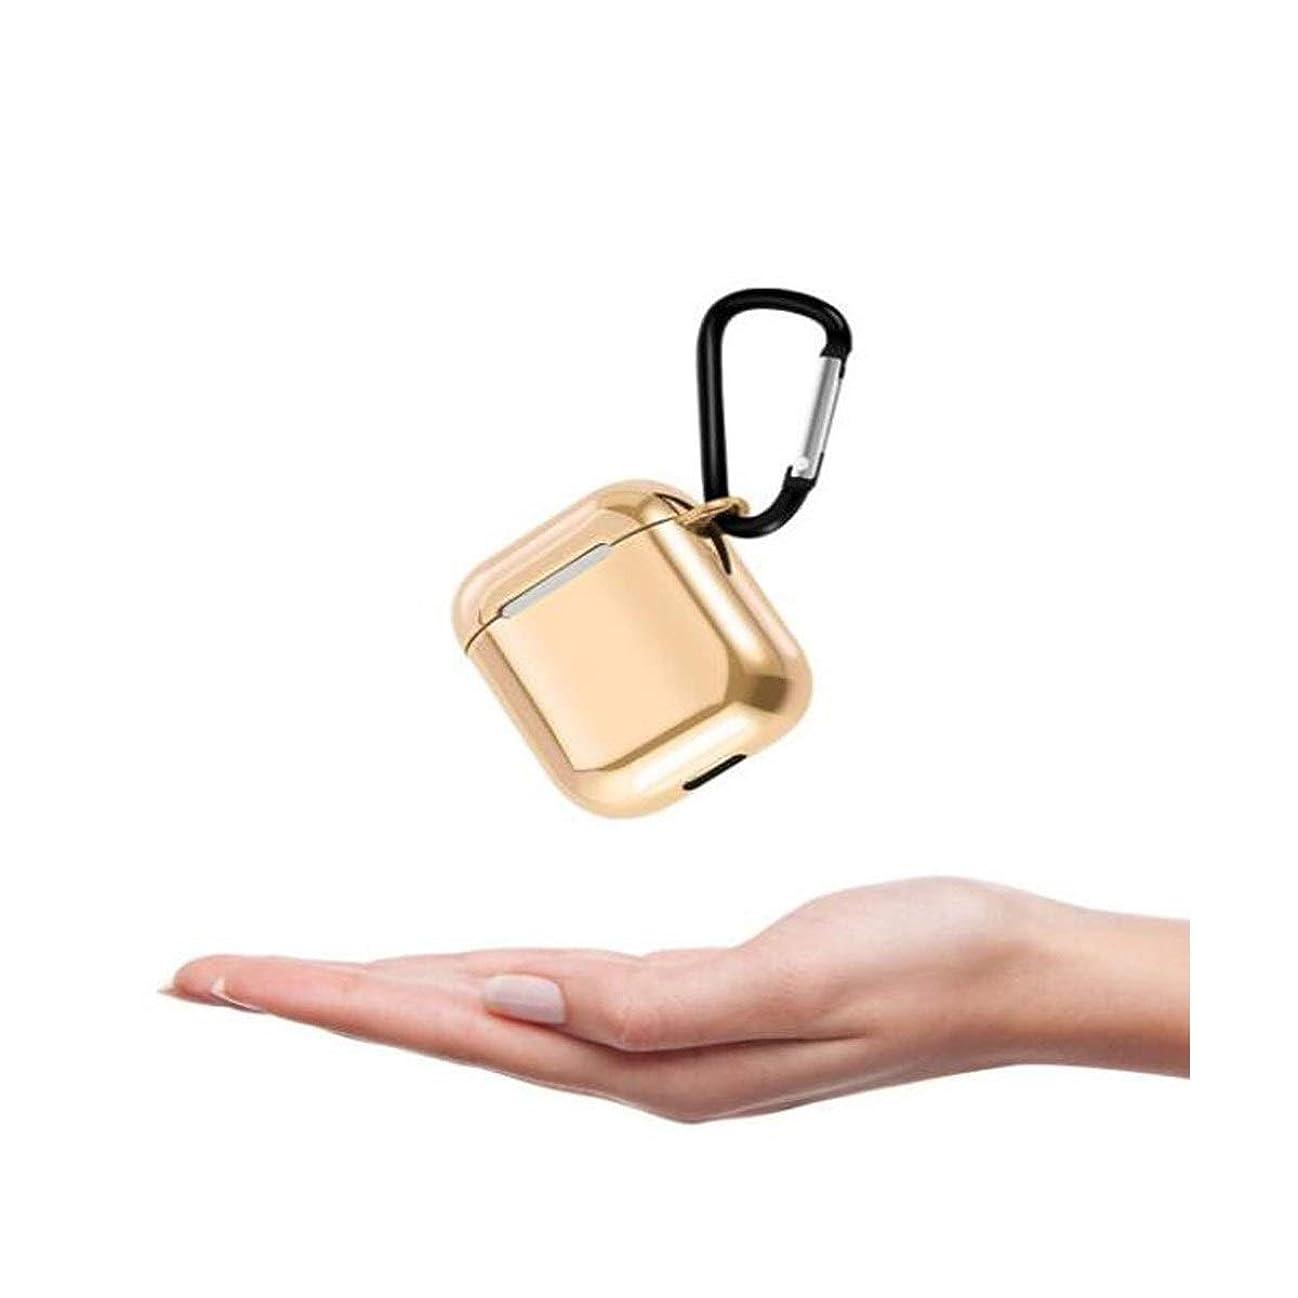 監督する学期仕えるGaoxingbianlidian001 ヘッドフォンセット、カラフルなメッキAirpodsカバー2/1世代ワイヤレスBluetoothヘッドセットセットシリコンドロップ保護シェル送信フック、ブラック/ゴールド 簡潔 (Color : Gold)